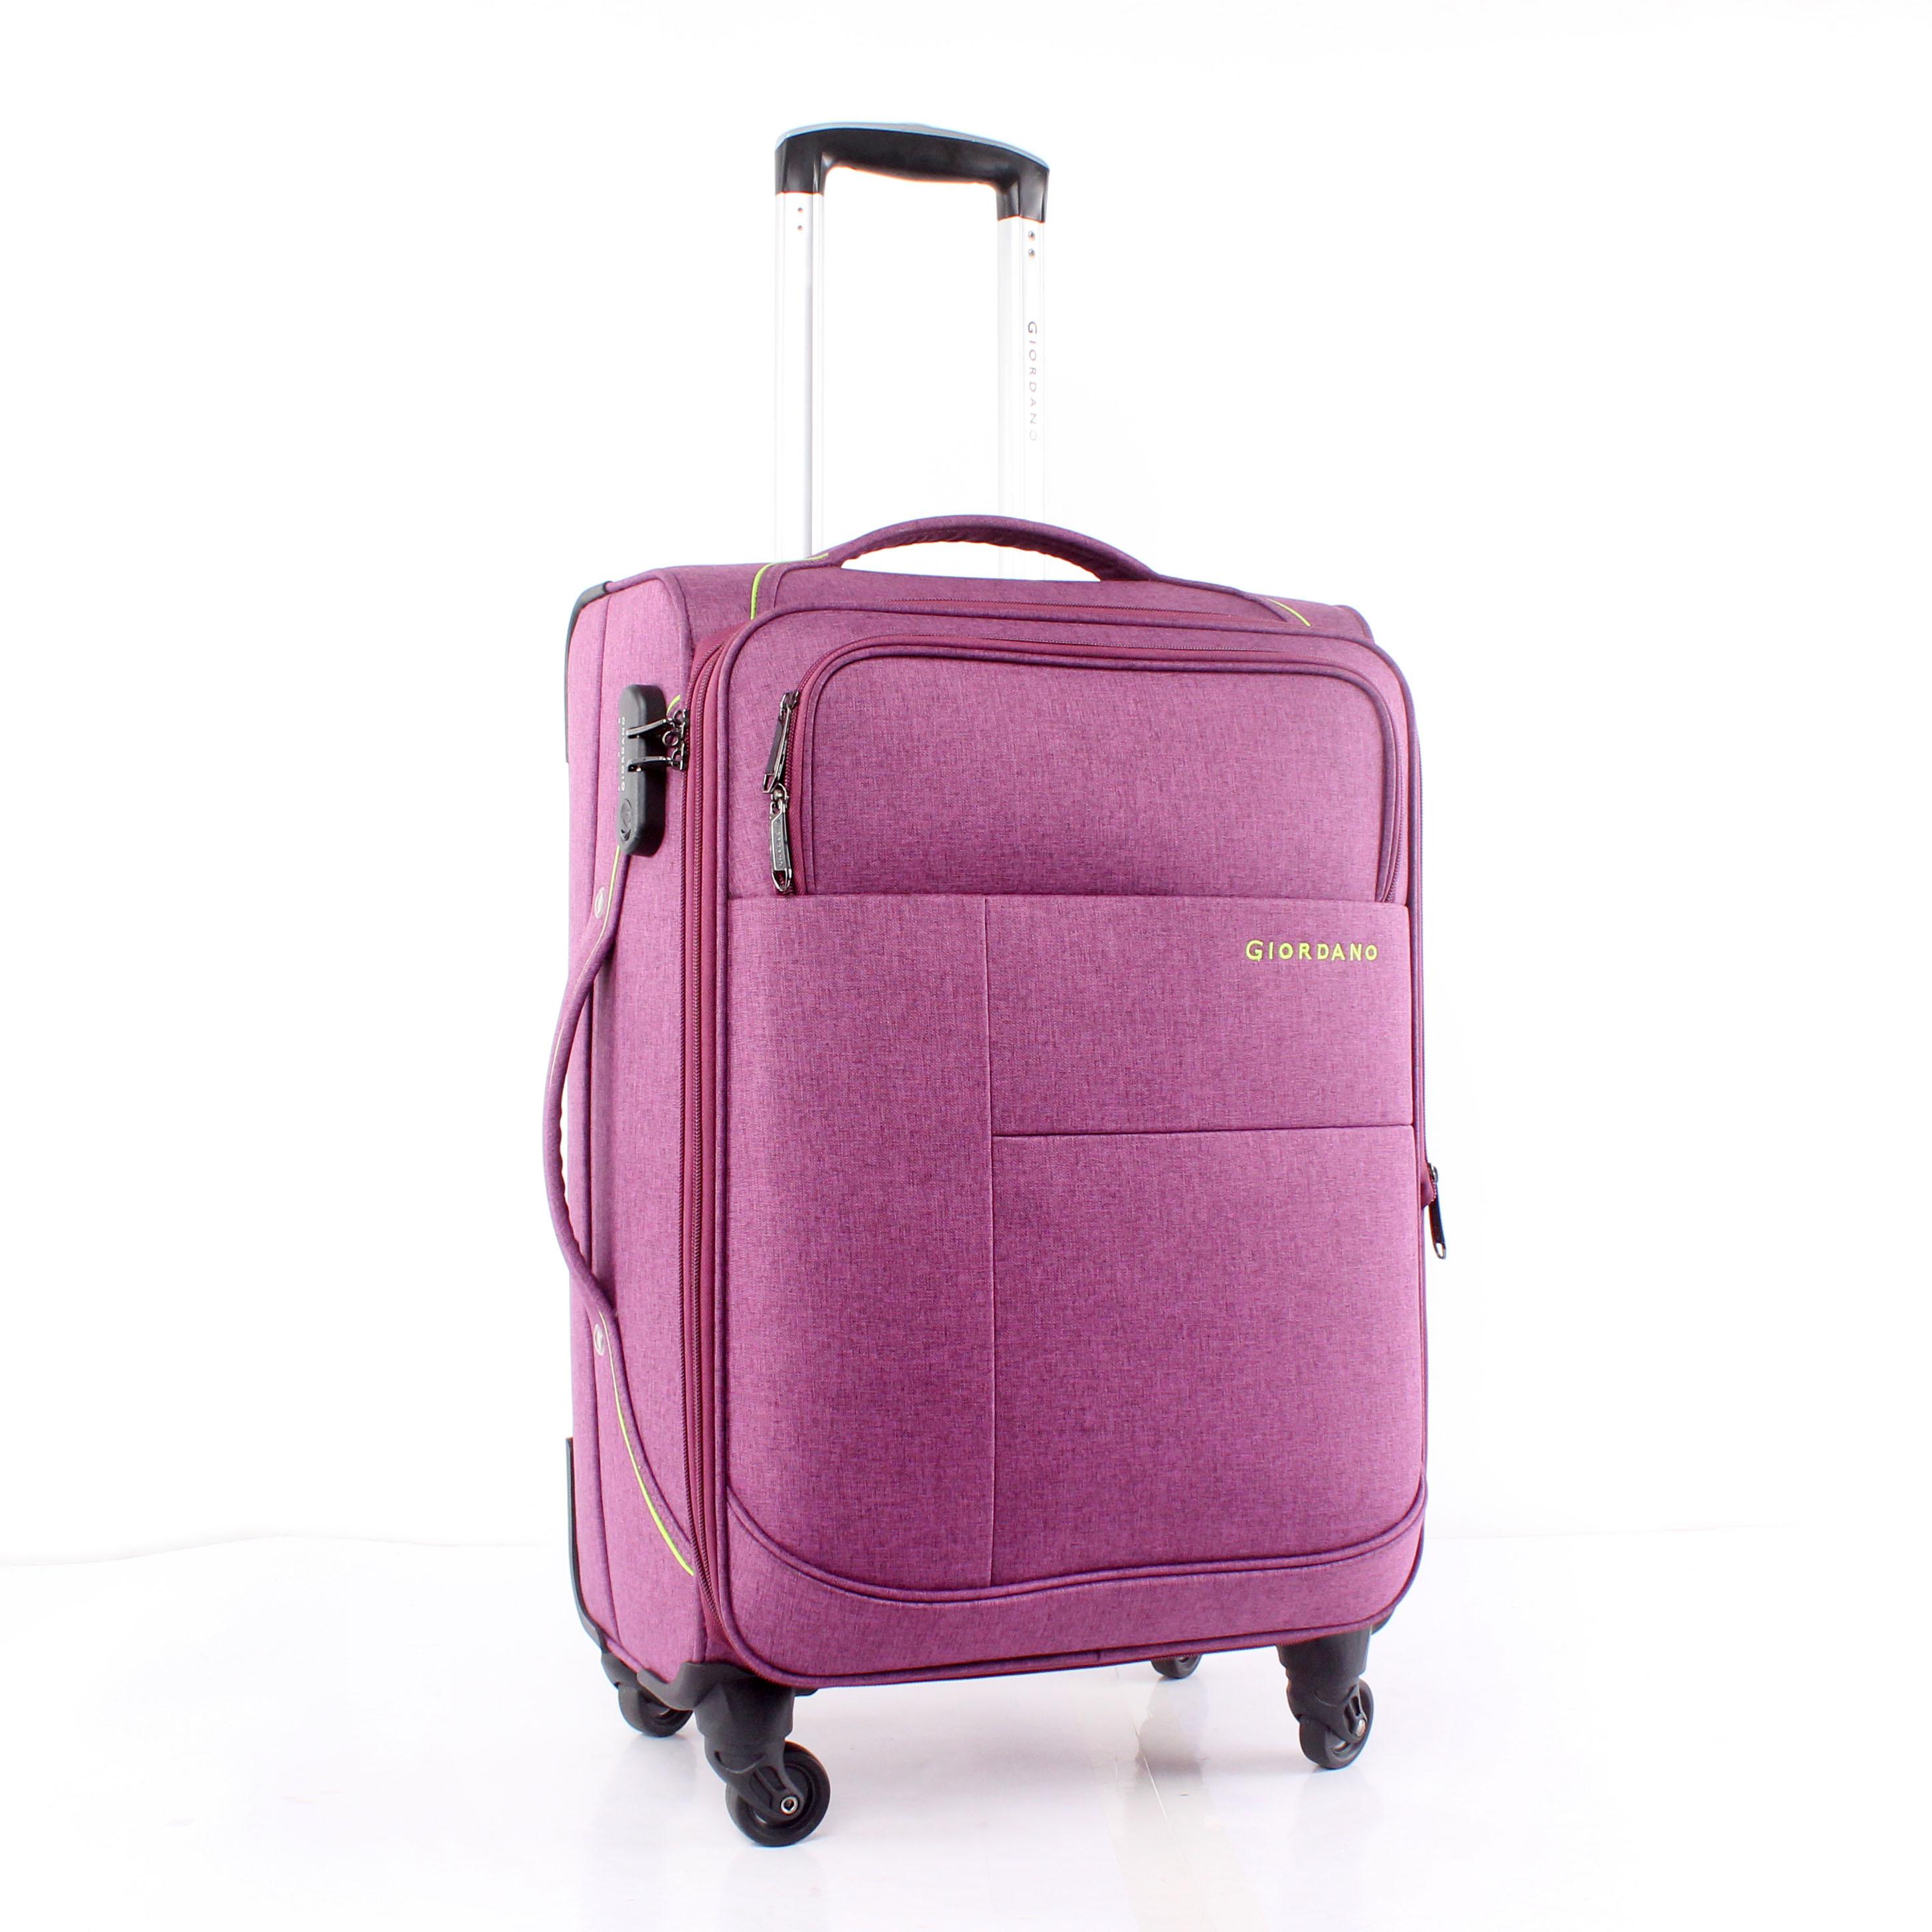 Cari Terbaik koper bagus murah Produsen dan koper bagus murah untuk indonesian Market di alibaba